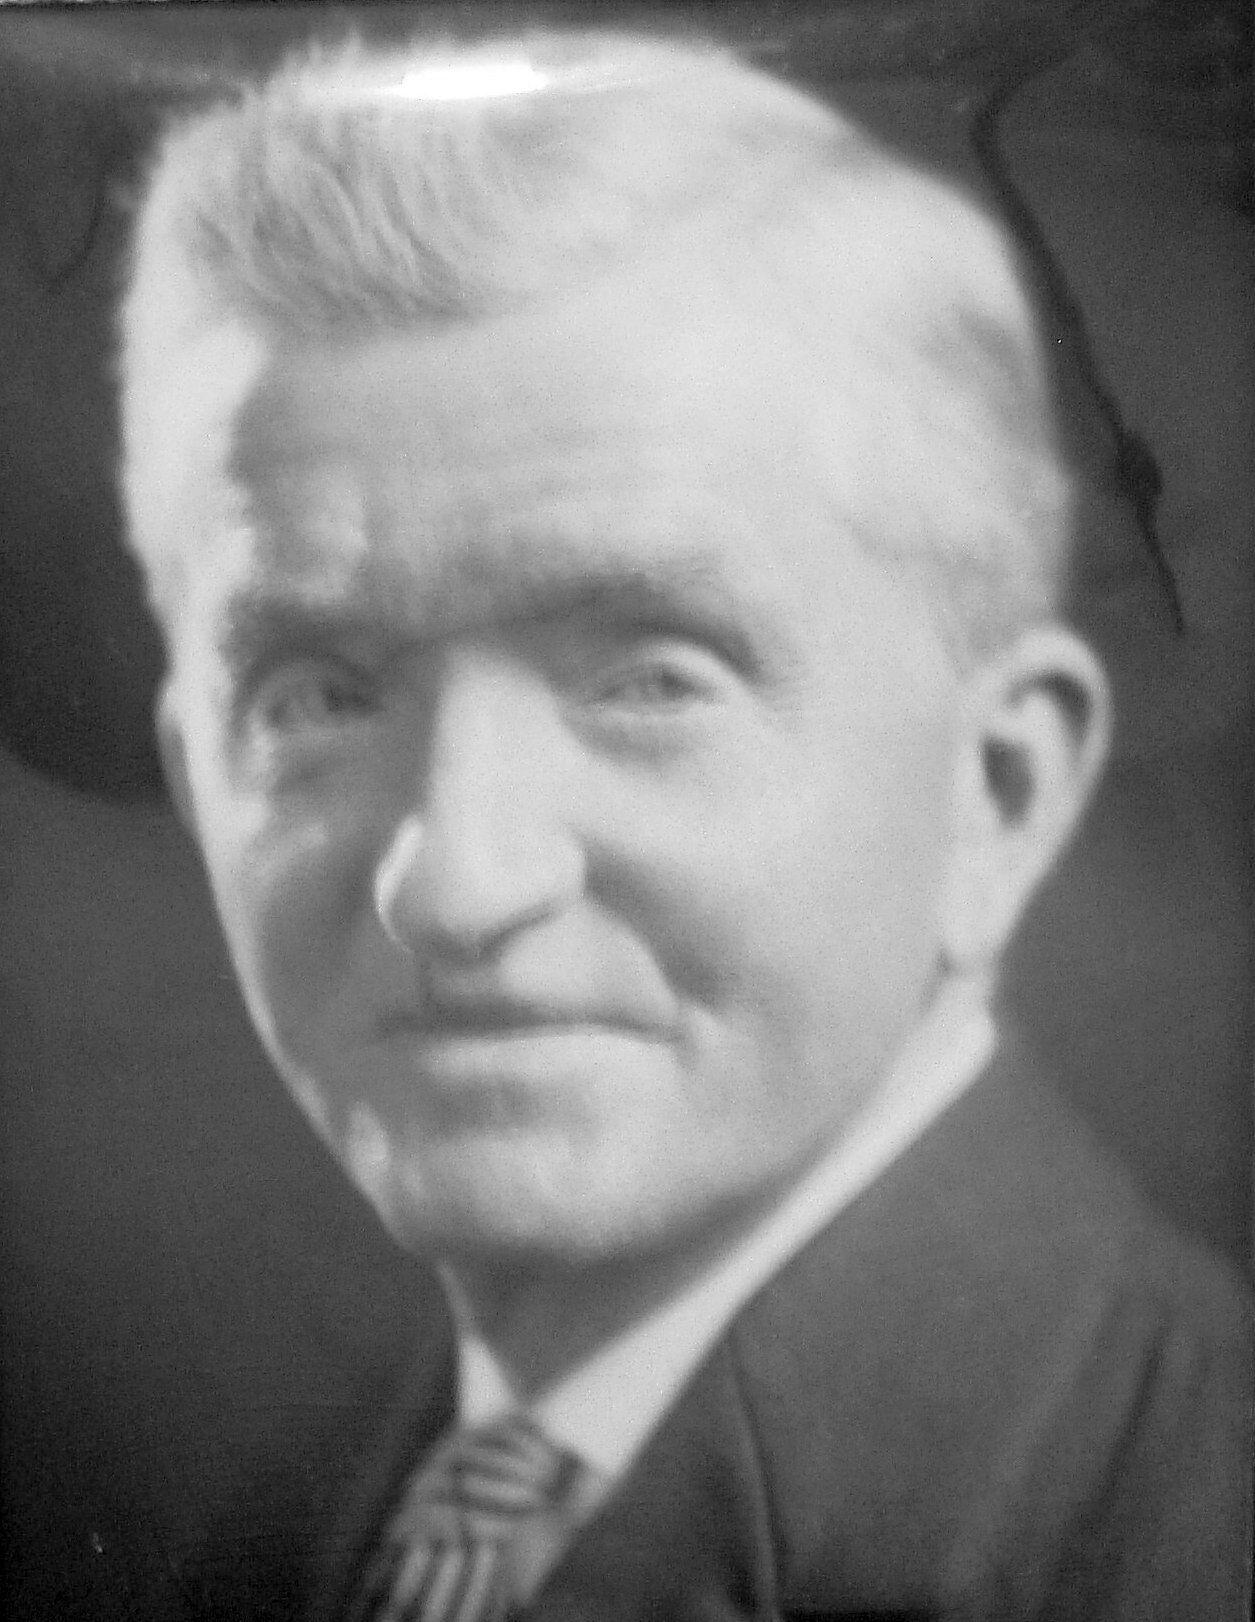 Bingham, Lorin Beason